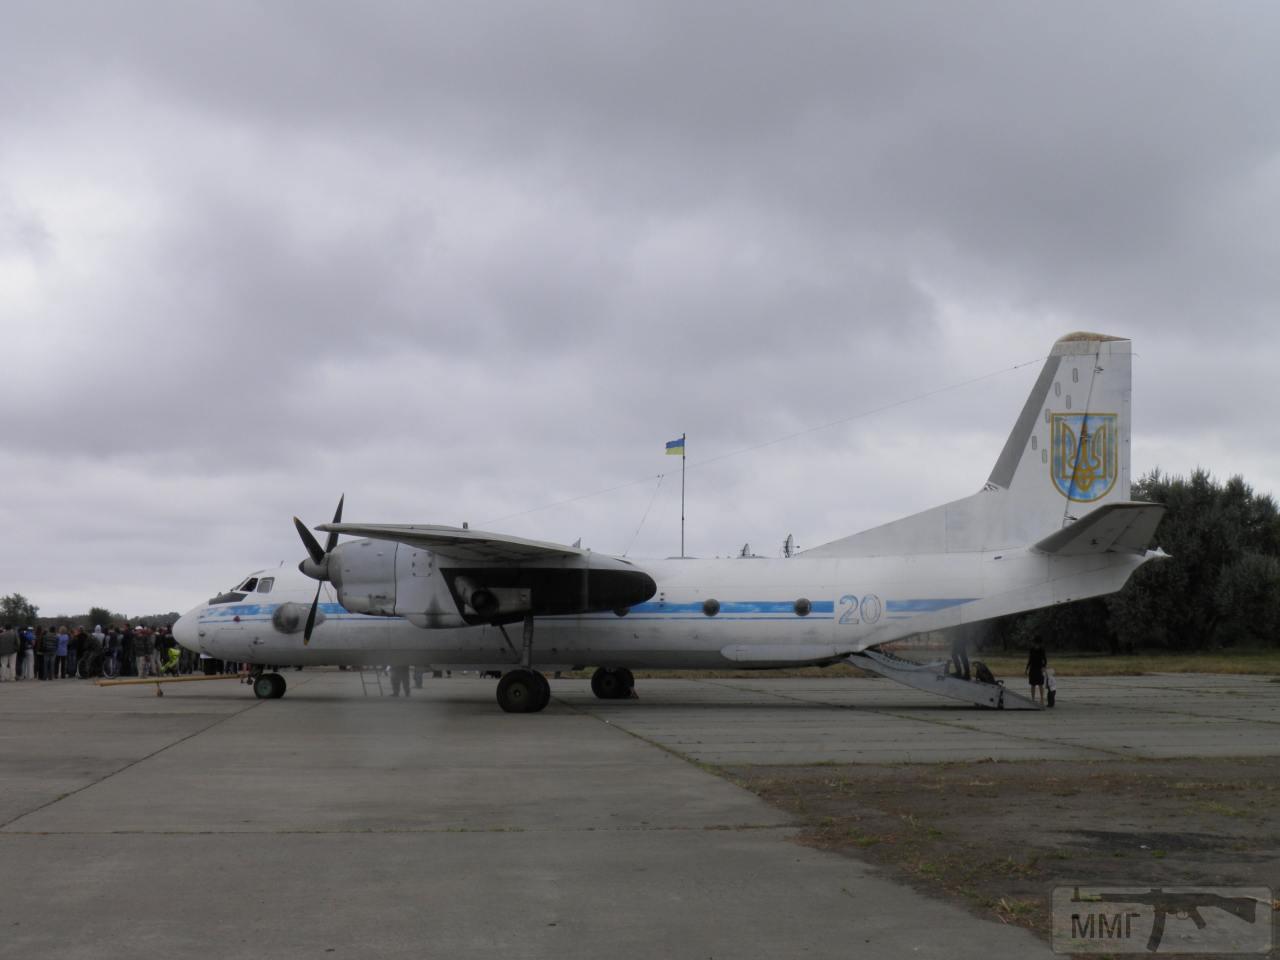 33129 - Воздушные Силы Вооруженных Сил Украины